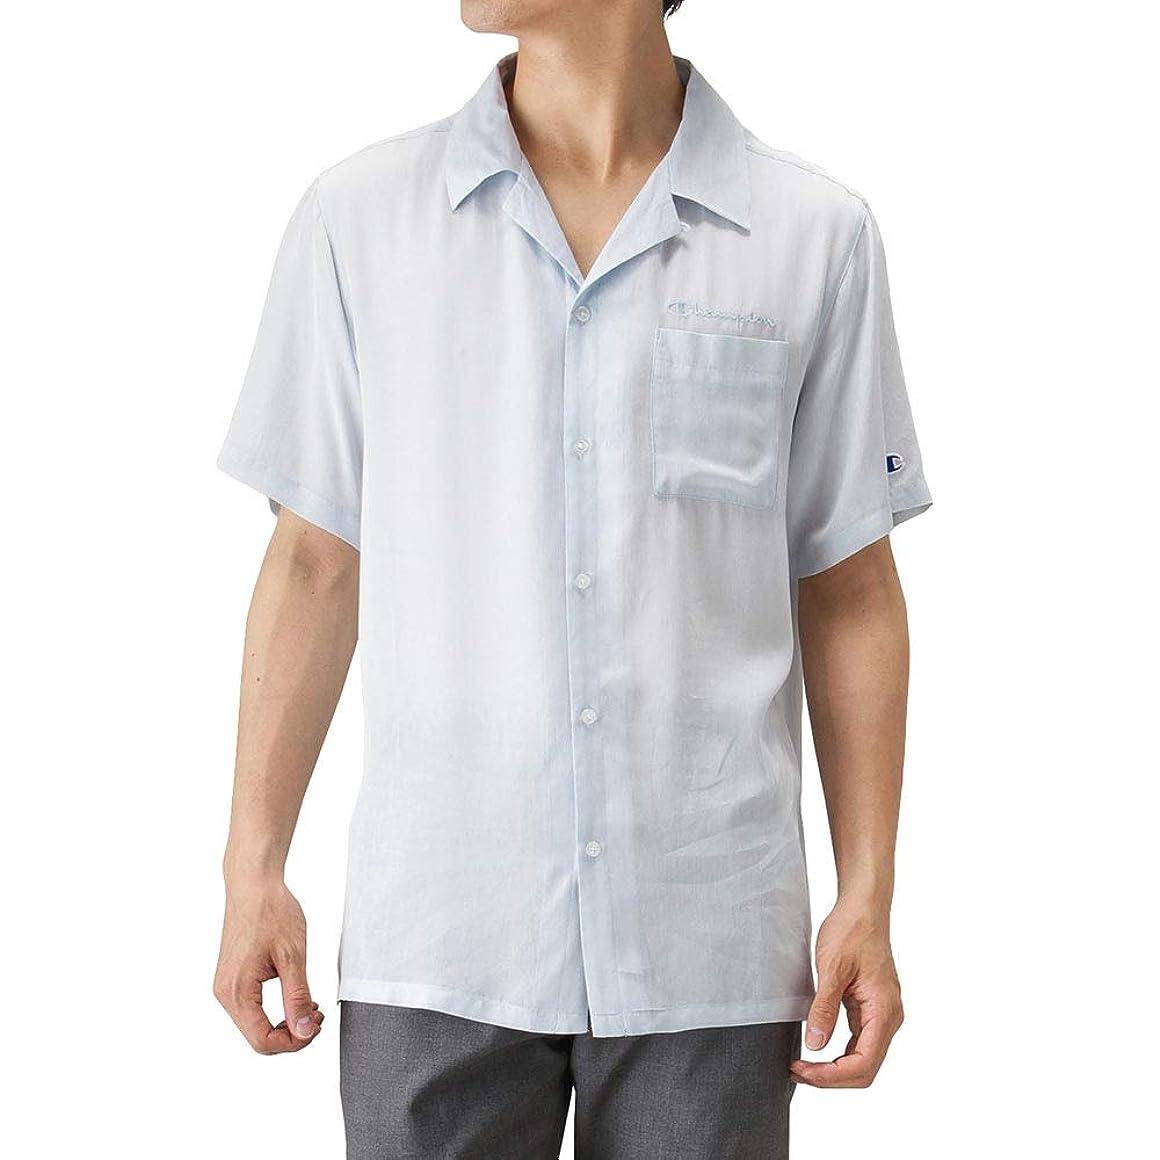 把握会計デンマーク語Champion(チャンピオン) 半袖シャツ 開襟シャツ オープンカラー ブランドロゴ 羽織り オープンカラーシャツ C3-P349 メンズ